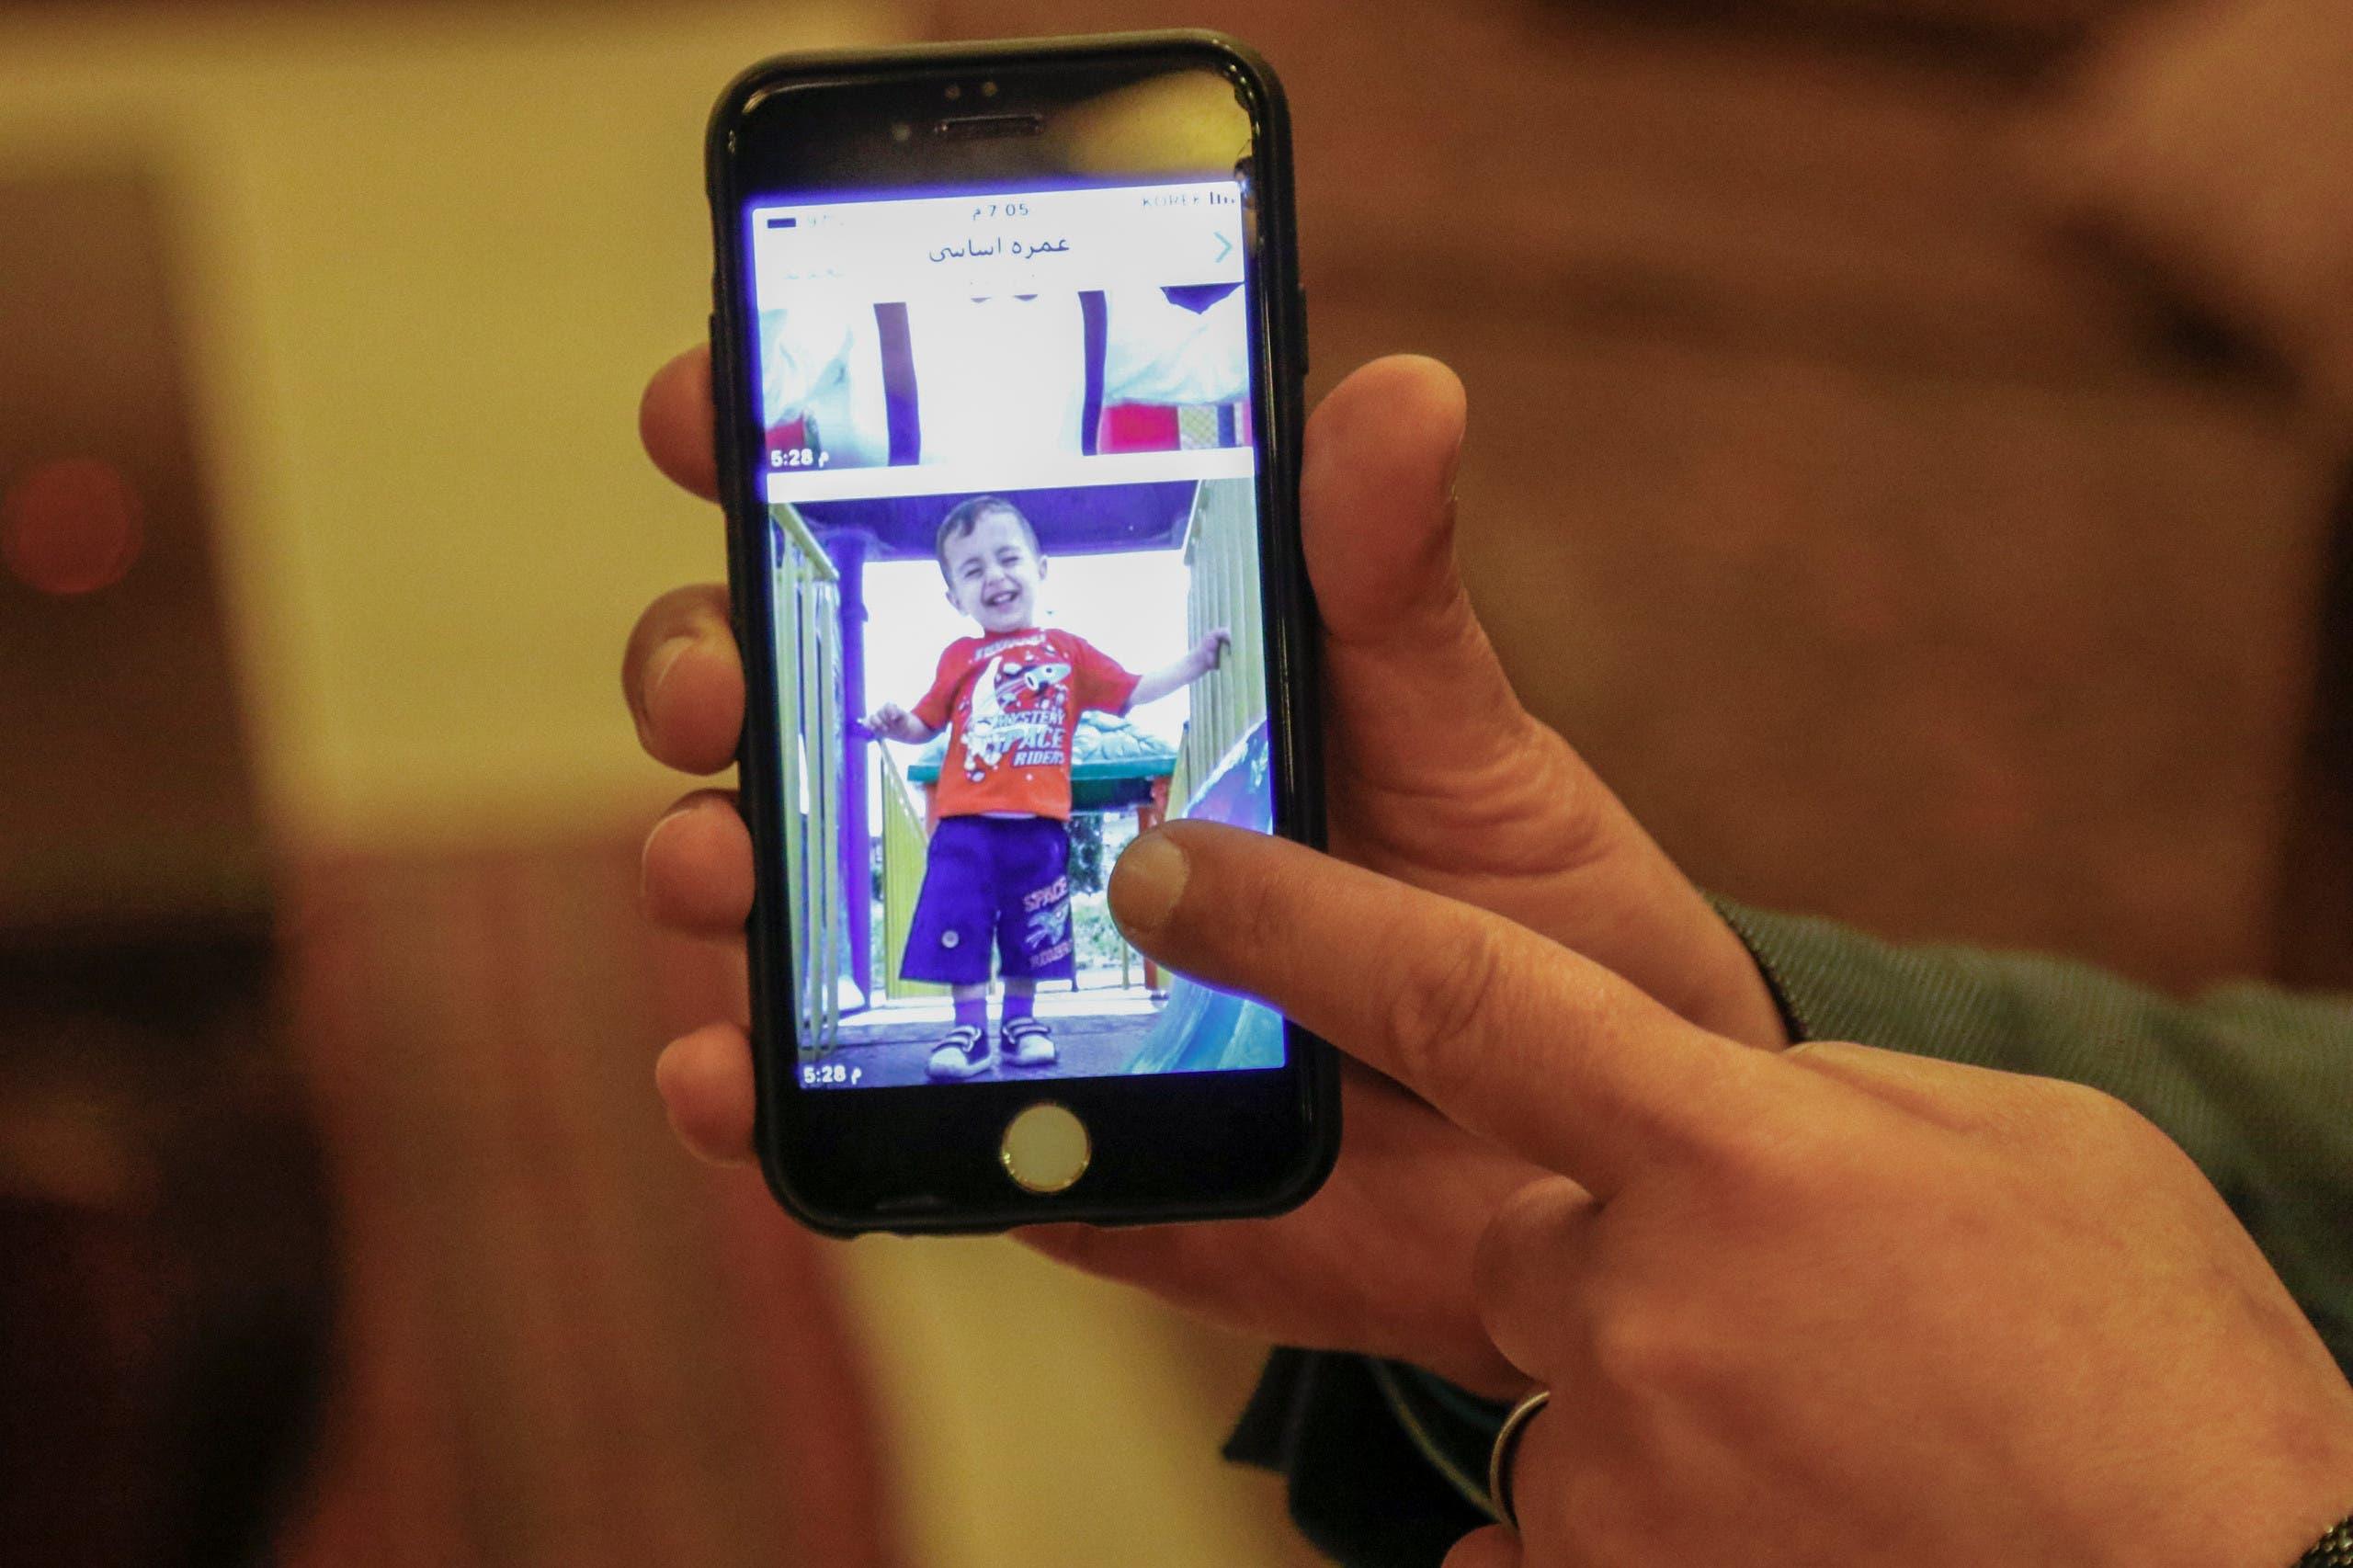 والد آلان كردي يظهر صورة لابنه على هاتفه (أرشيفية)